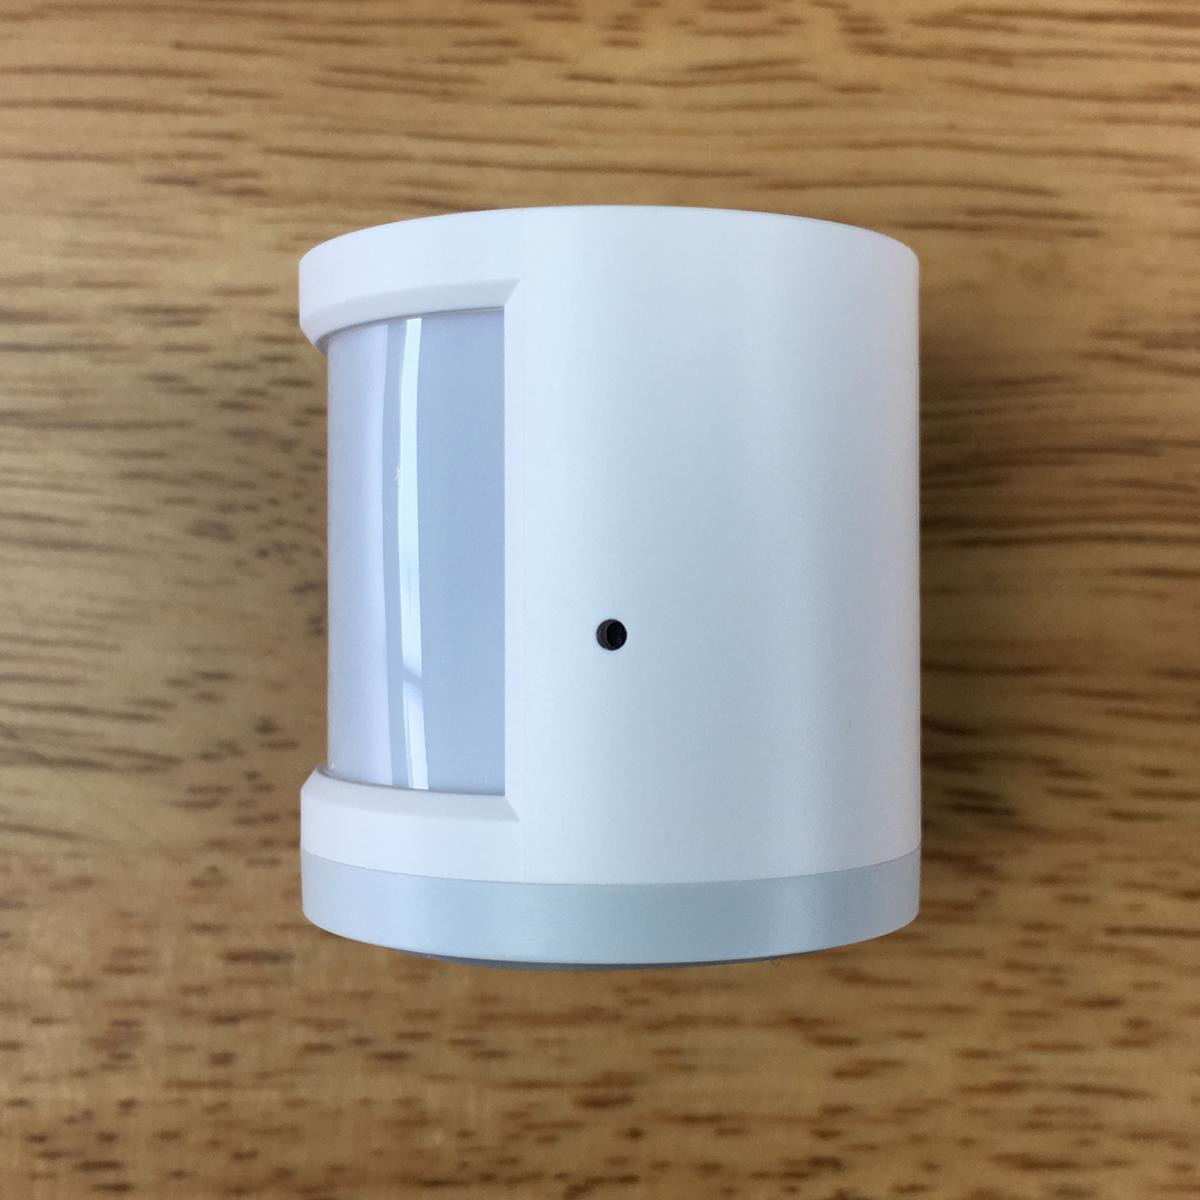 محصول شیائومی - xiaomi سنسور هوشمند تشخیص حرکت شیائومی مدل RTCGQ11LM